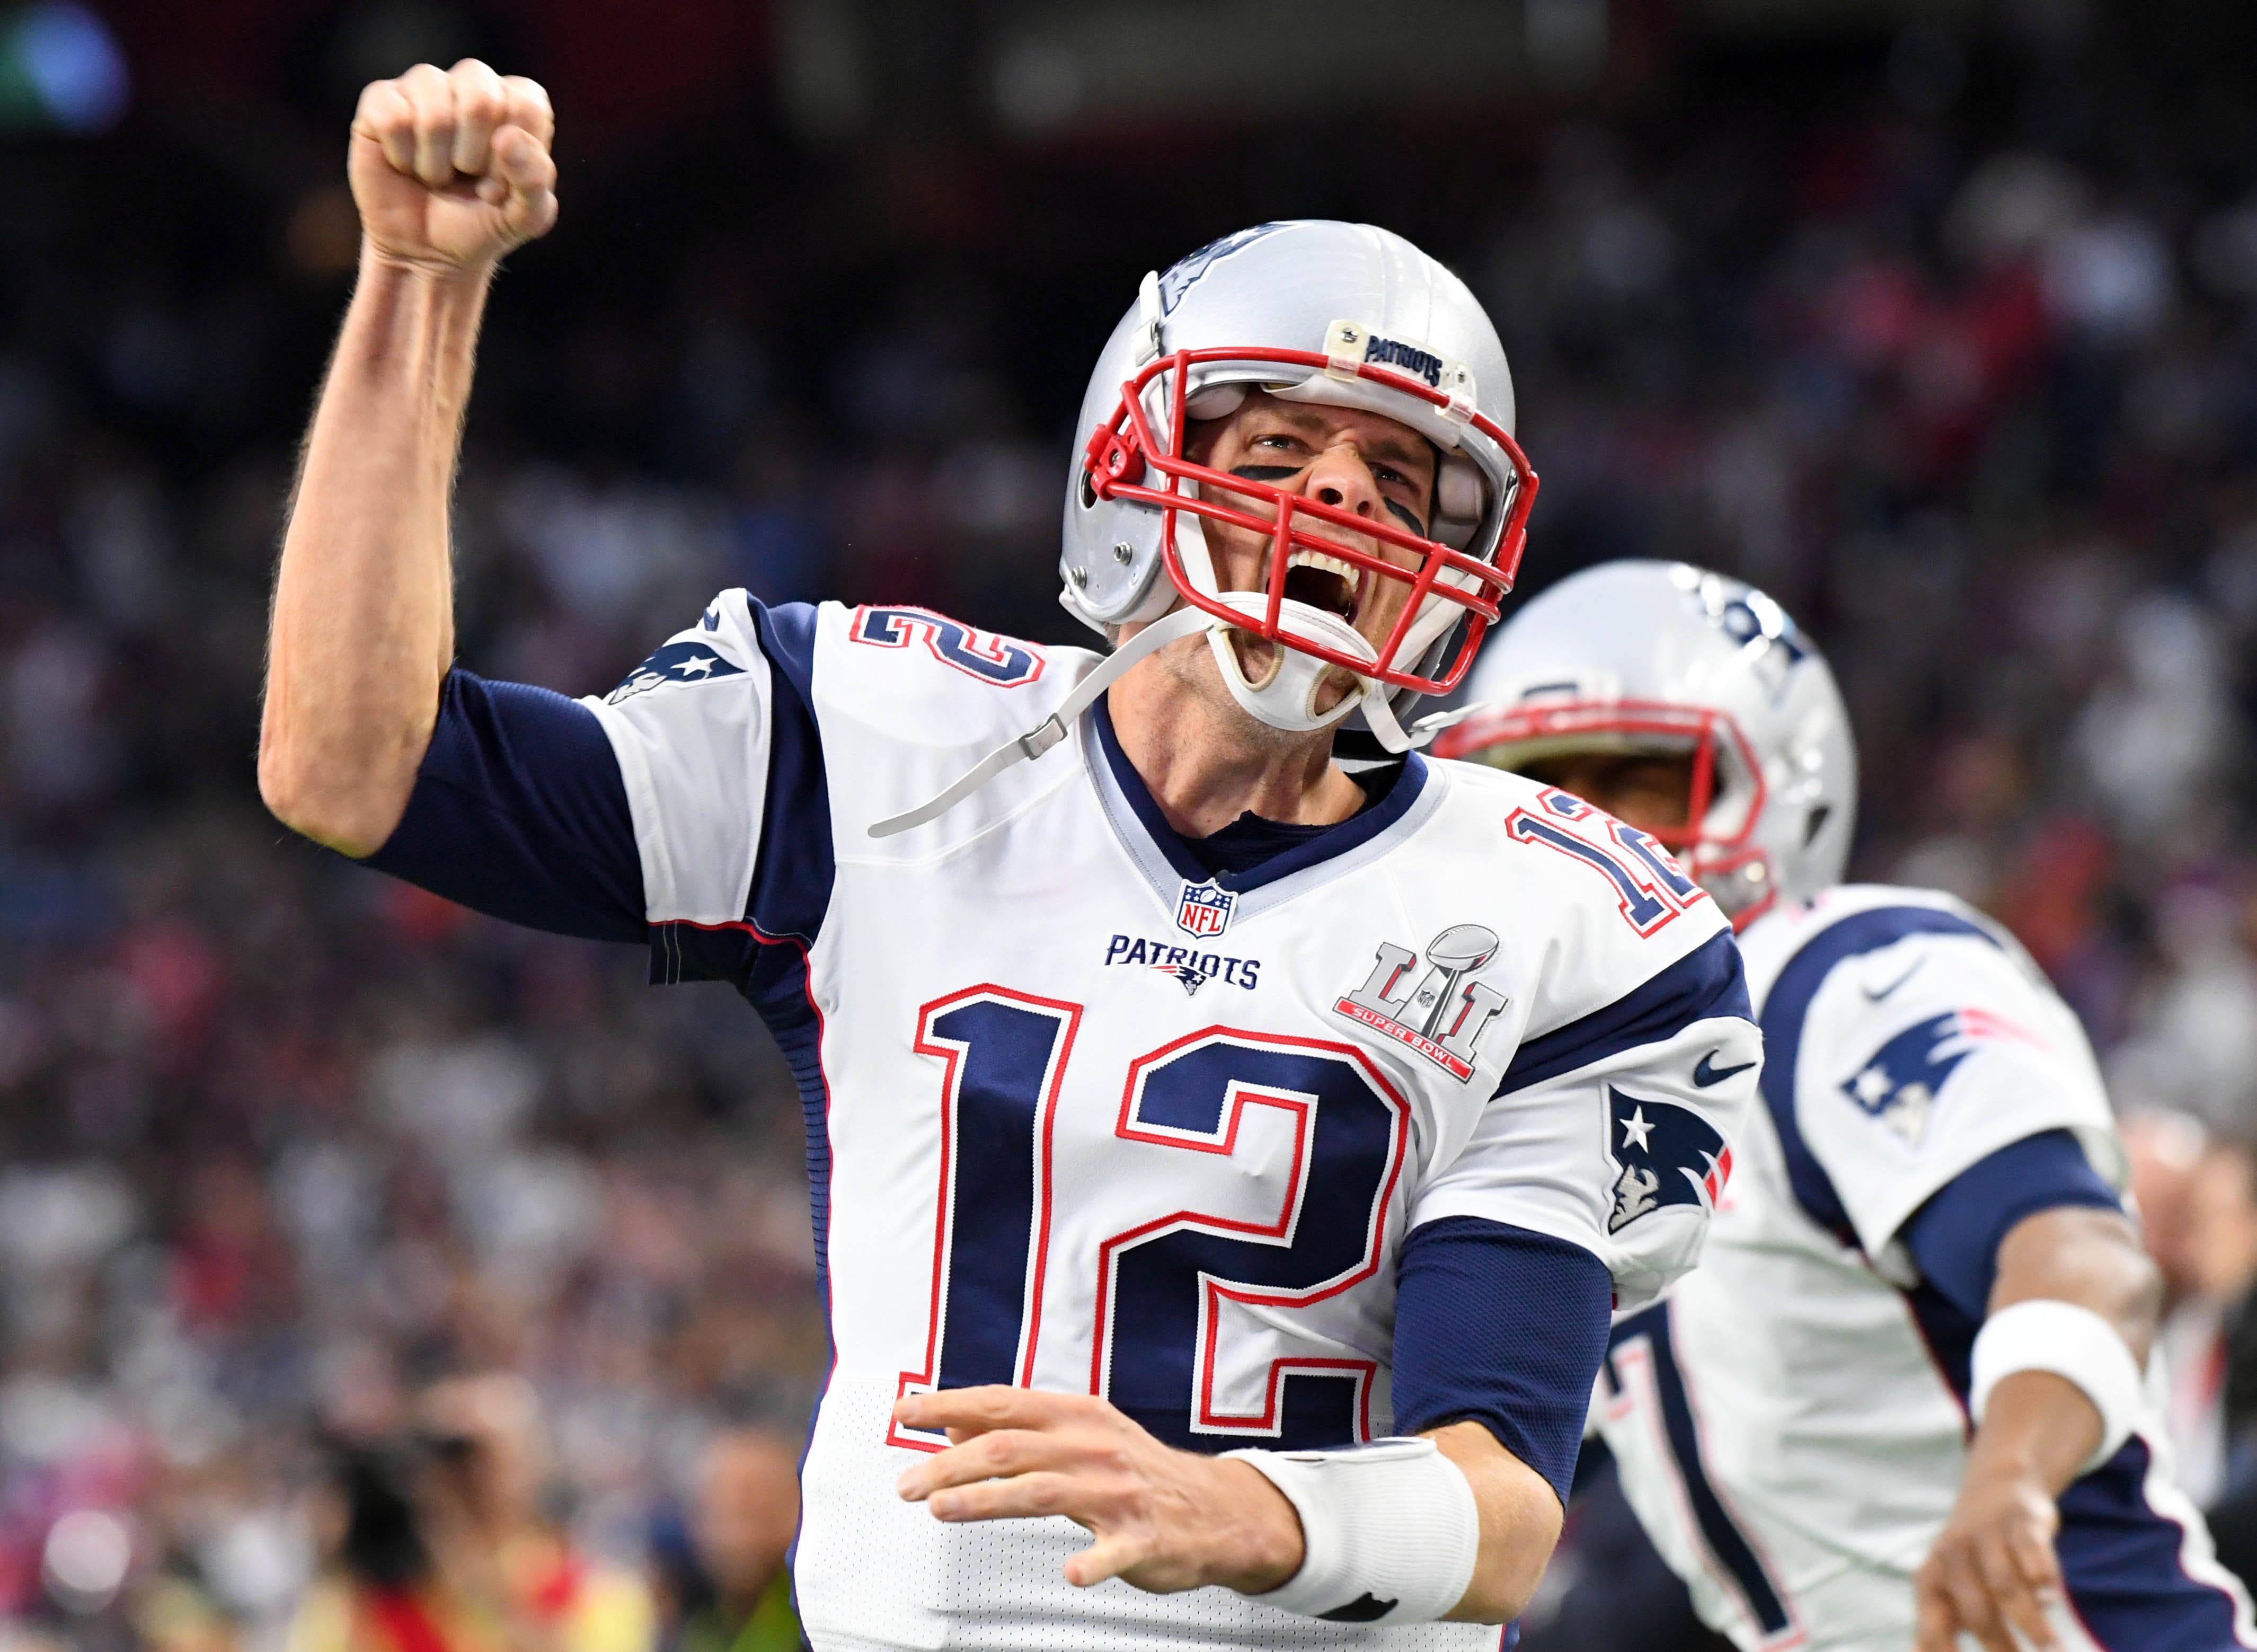 Tom Brady's greatest Super Bowl plays